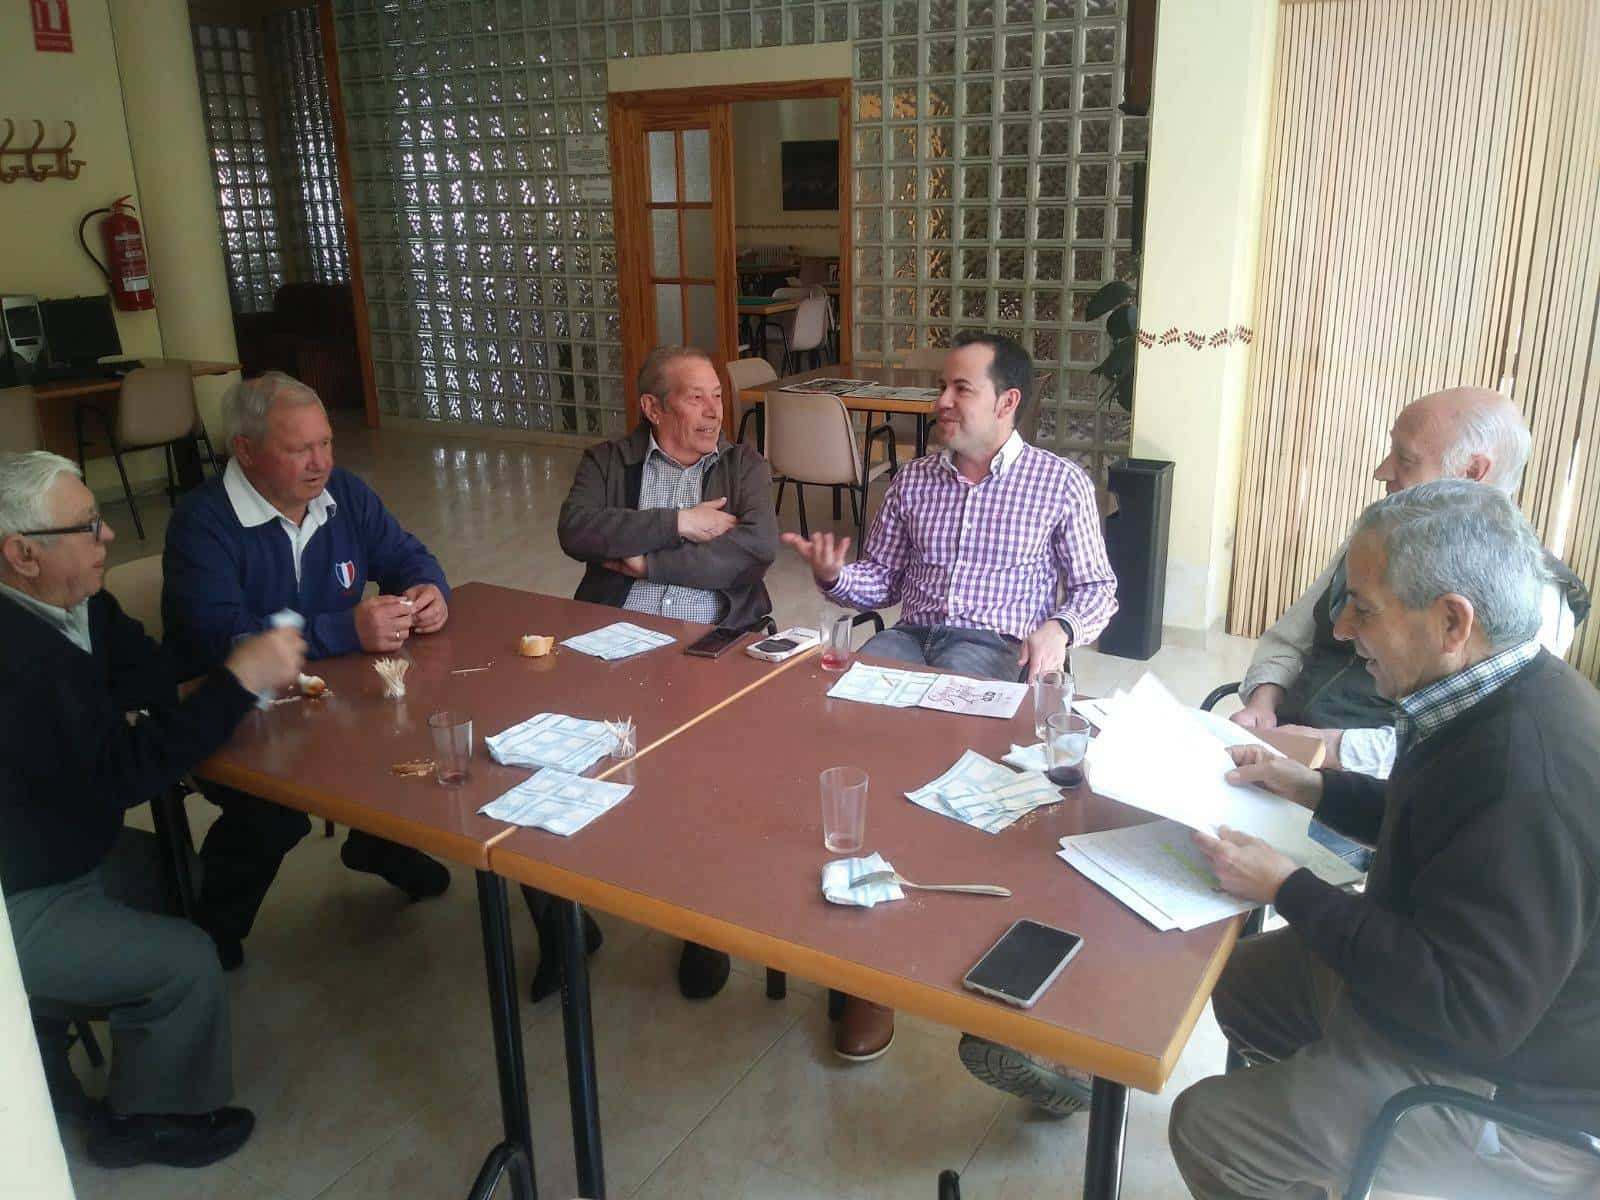 Alcalde comparte vino con el Consejo de Mayores de Herencia 6